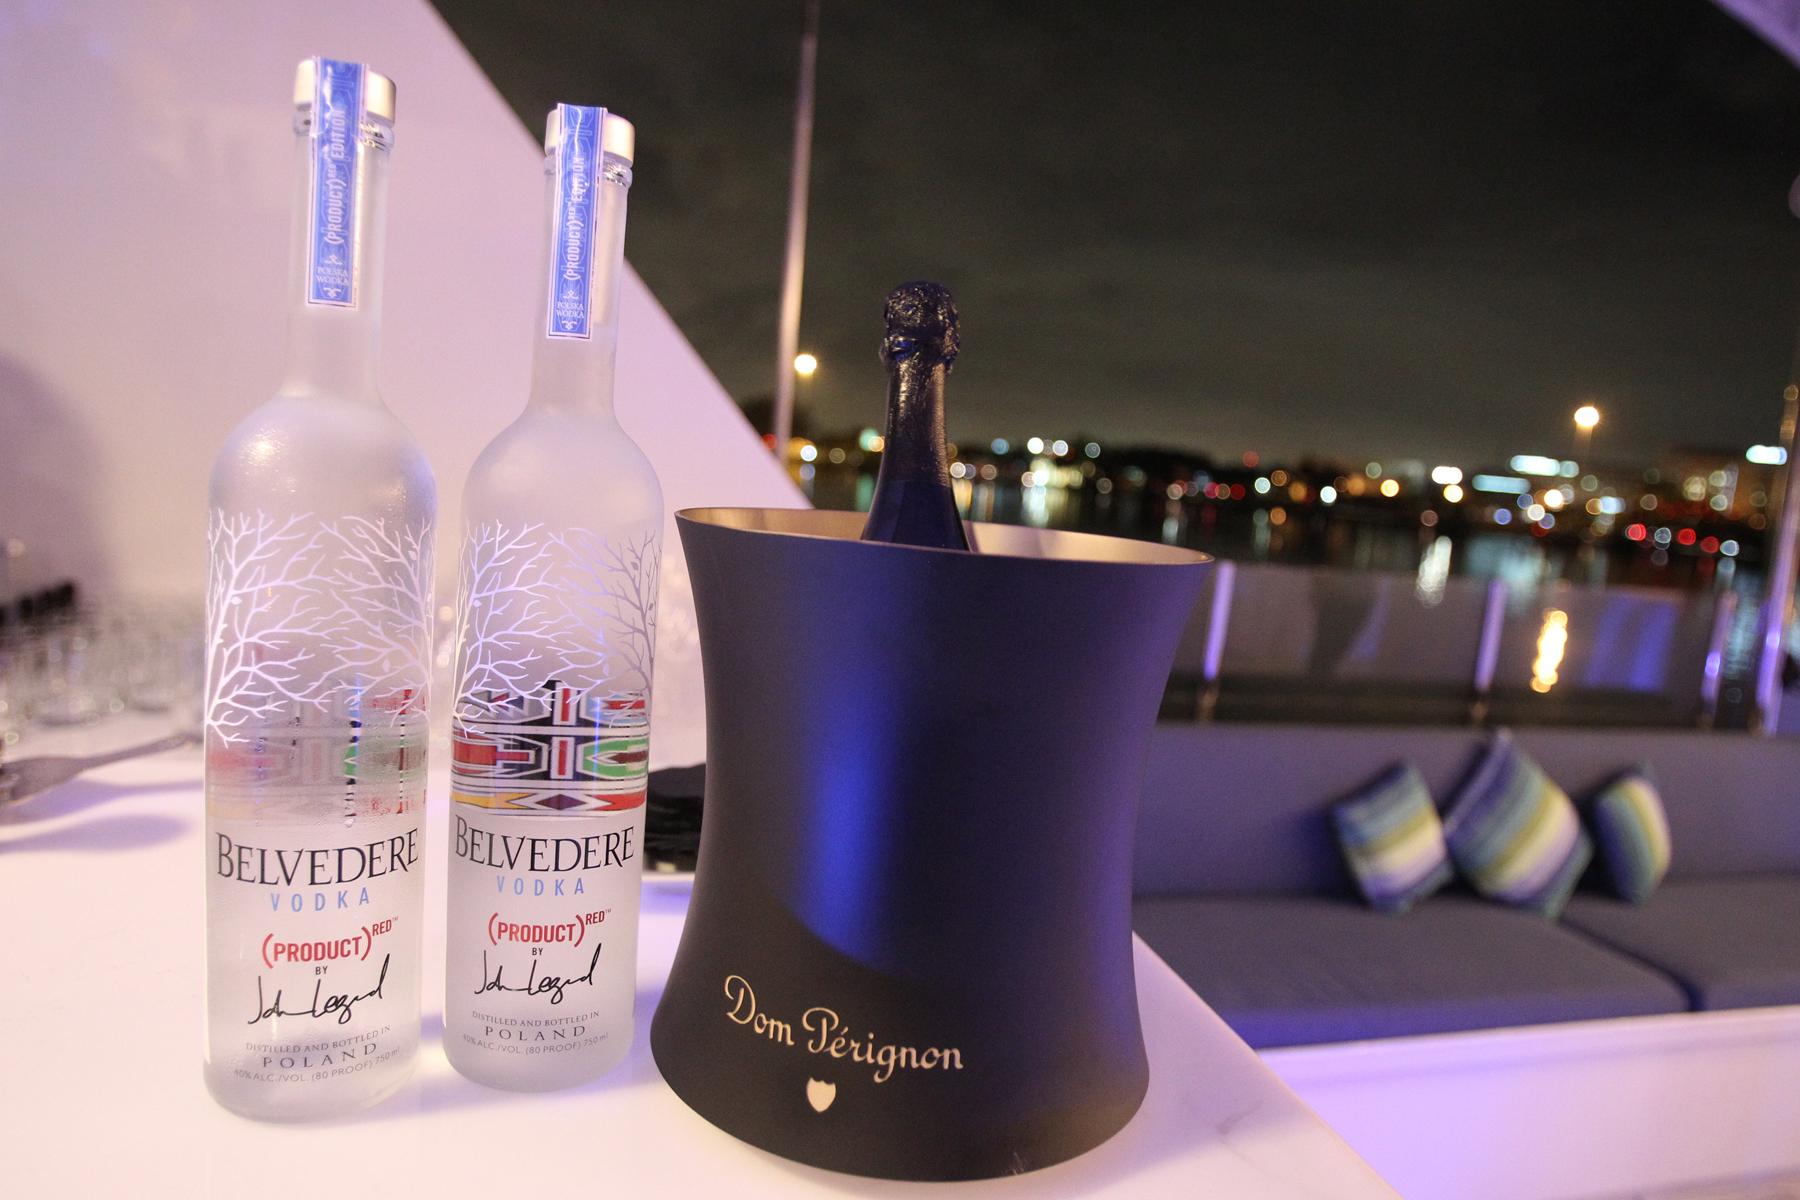 belvedere-vodka-dom-perignon-1